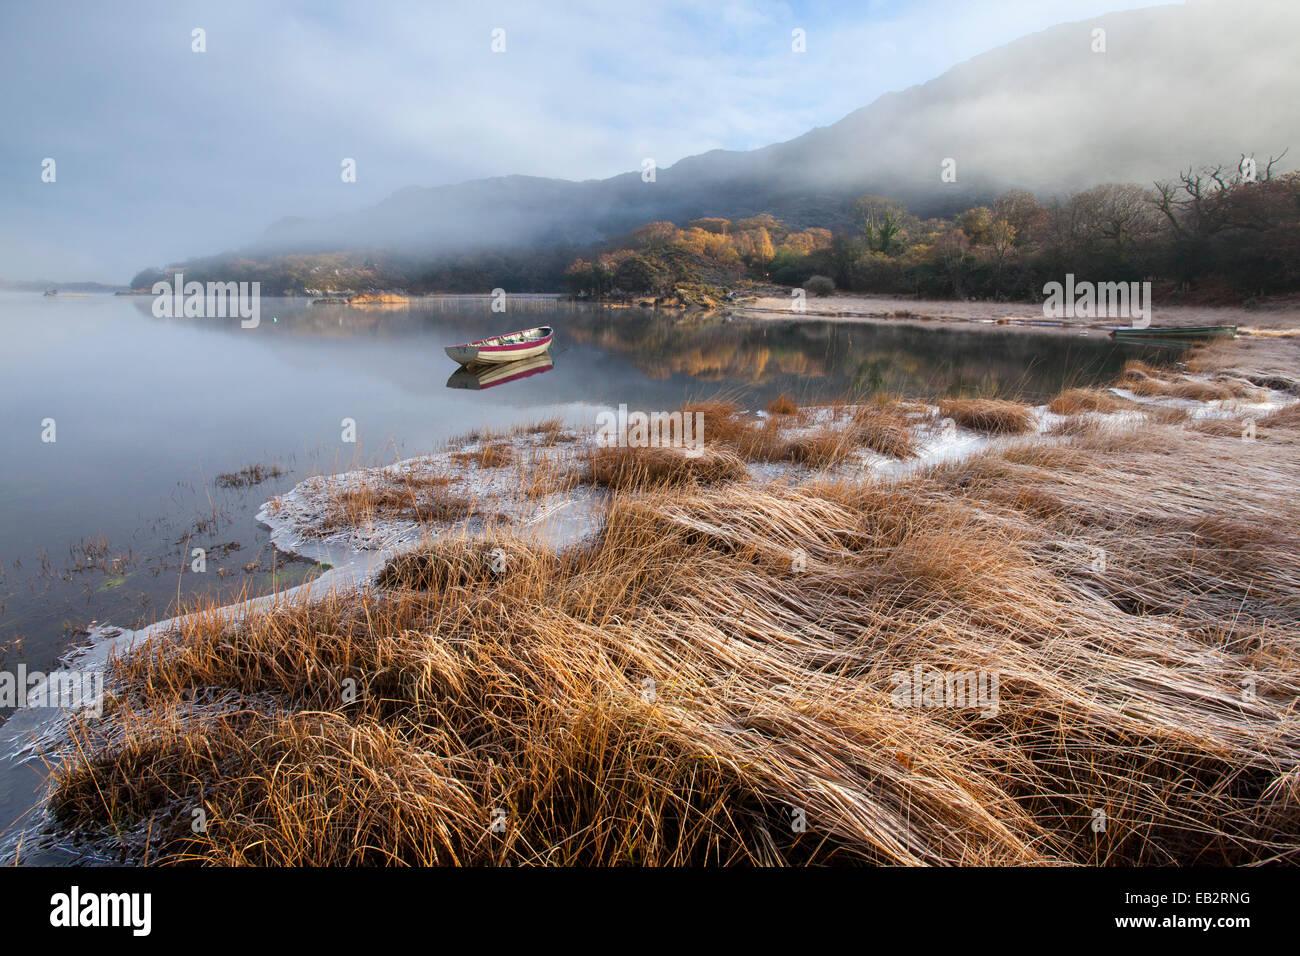 Gelido inverno mattina sulla riva del Lago Superiore, Parco Nazionale di Killarney, nella contea di Kerry, Irlanda. Immagini Stock